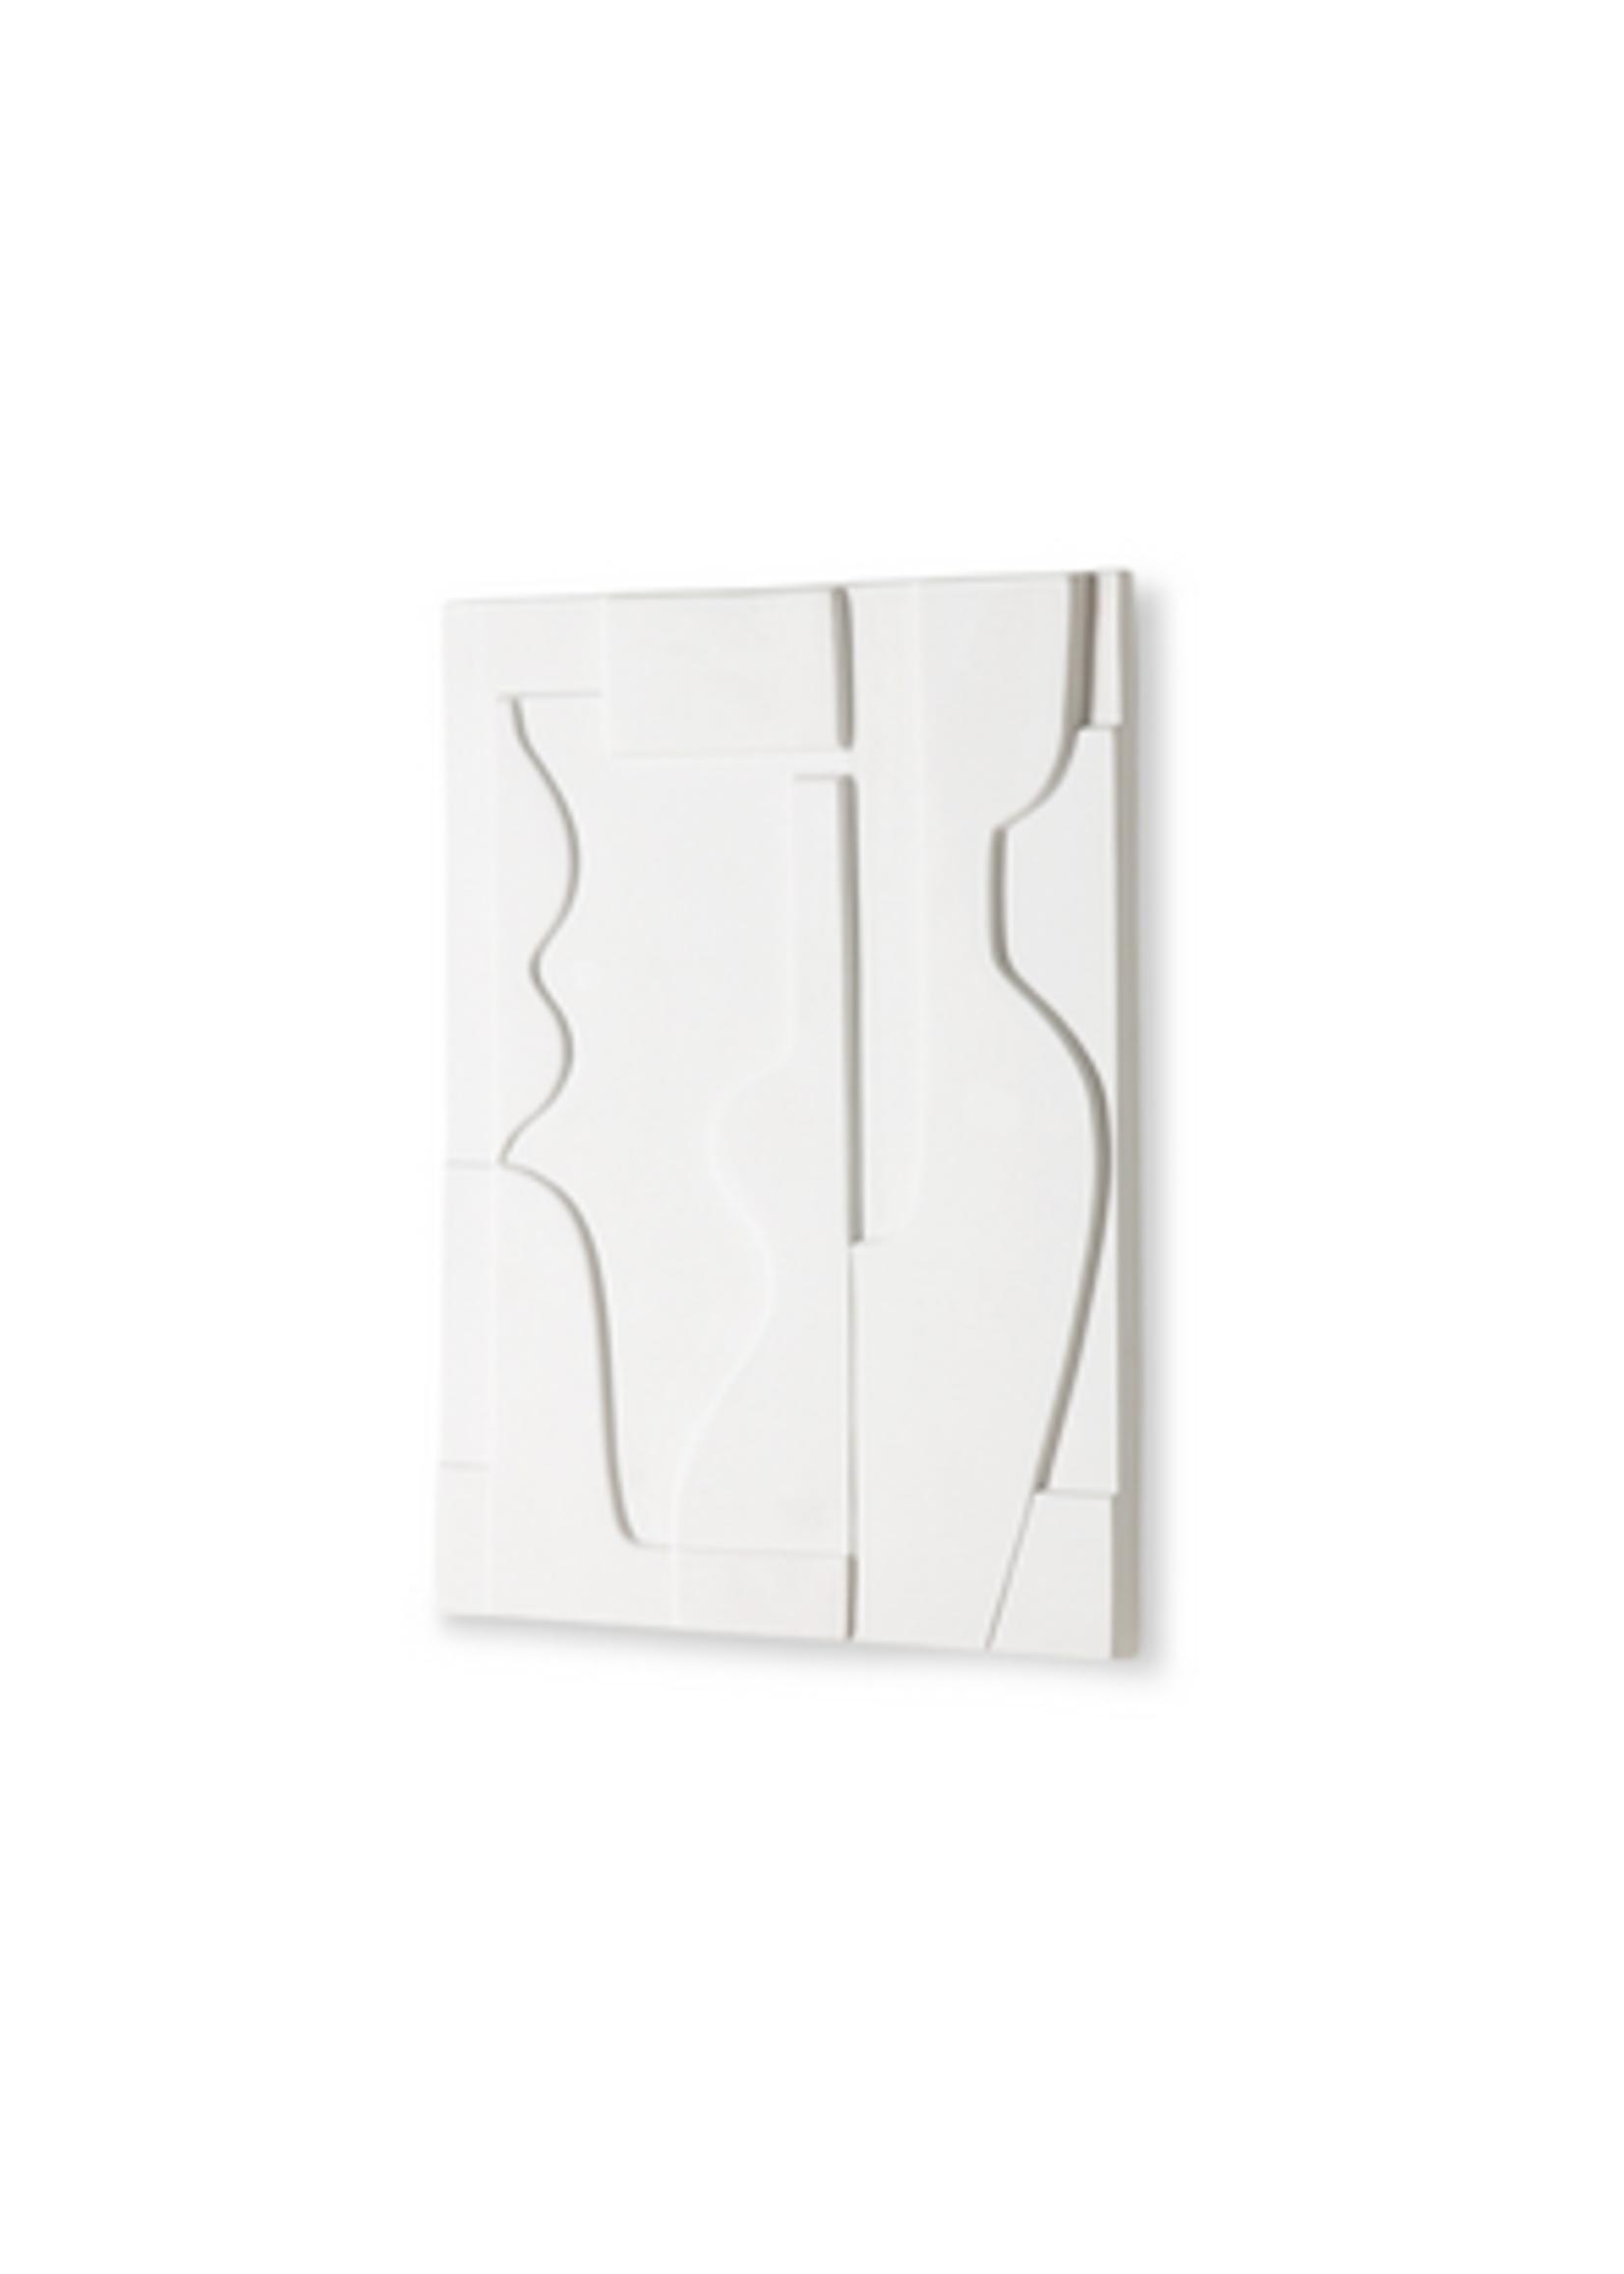 HKliving Ceramic wall art panel matt white